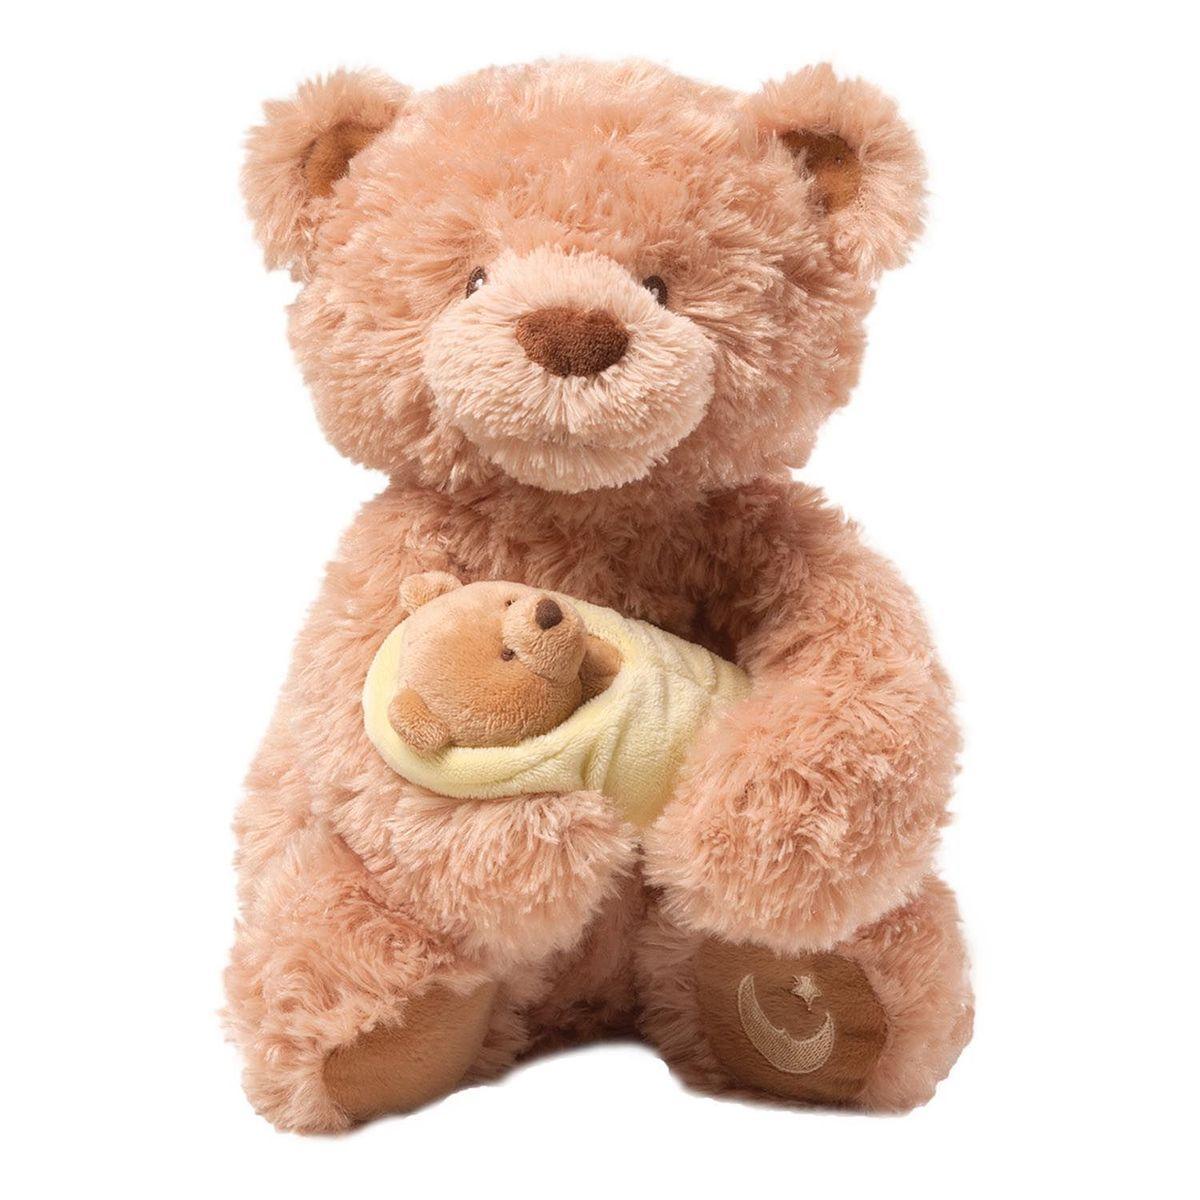 Gund Мягкая игрушка Rock-a-Bye Baby Bear4036002Милые, мягкие и безопасные, игрушки фирмы Gund отличаются реалистичным внешним видом, напоминающим настоящего питомца. Только посмотрите на эту милую мордашку, которая так приветливо смотрит на вас. Разве можно устоять перед её обаянием? Конечно нет, да и не нужно! Такая игрушка вызывает умиление не только у детей , но и у взрослых. Поэтому она станет отличным подарком не только ребёнку, но и друзьям!